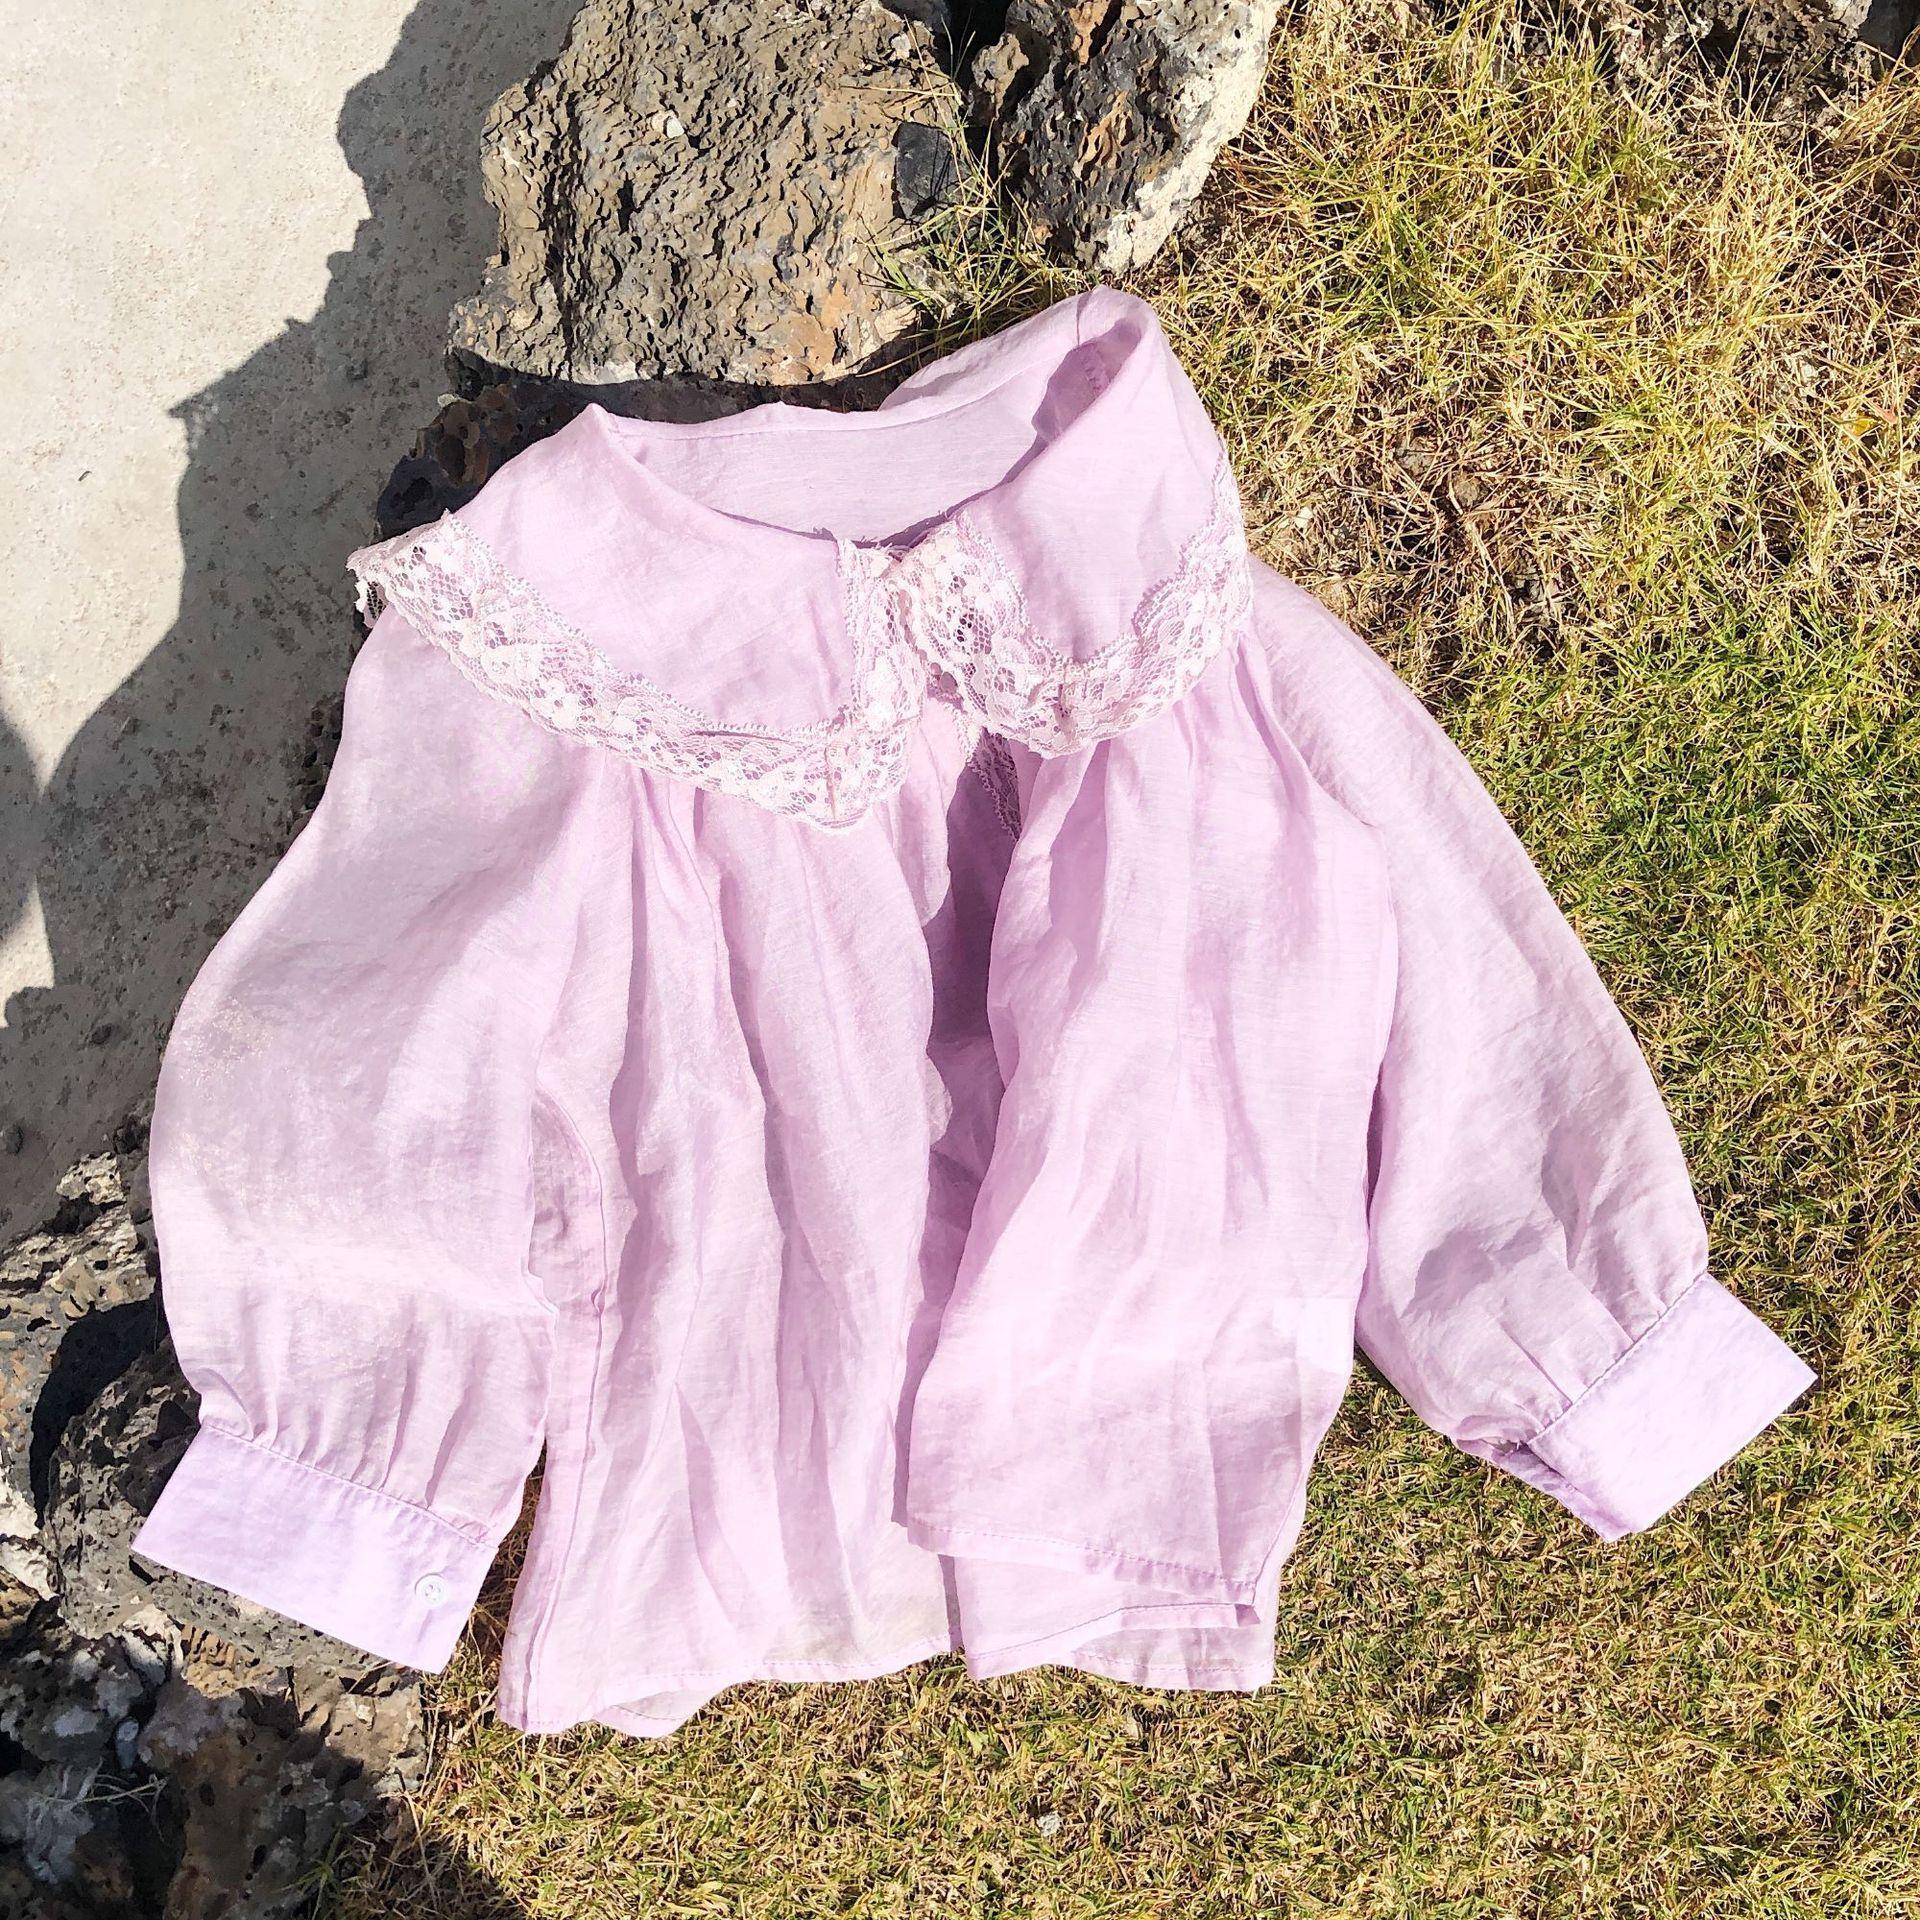 Bahar 2020 Yeni Kız Mor Dantel Gömlek Bebek Çocuk Uzun Kollu Şifon Tatlı Bluzlar Üst Bebek Bebek Moda Giyim